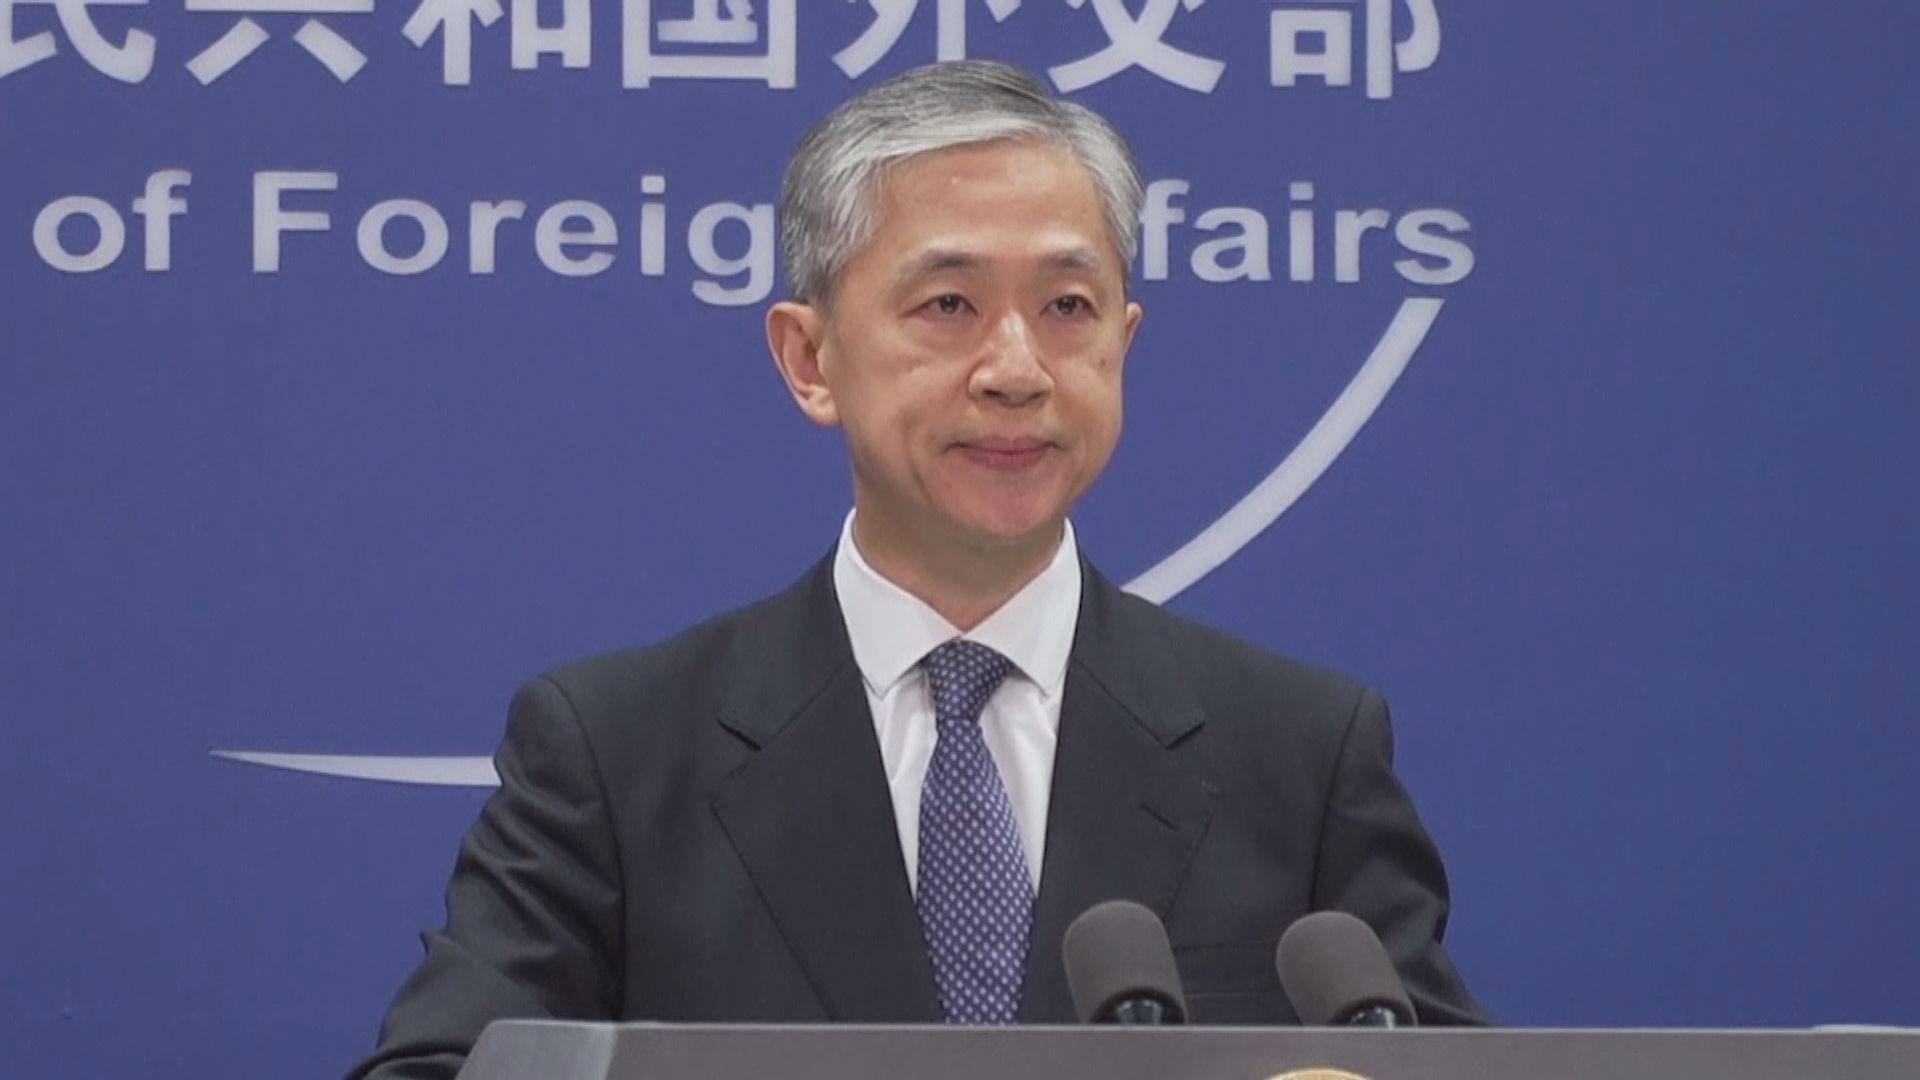 據報美將制裁至少10間中國公司 外交部批打壓企業